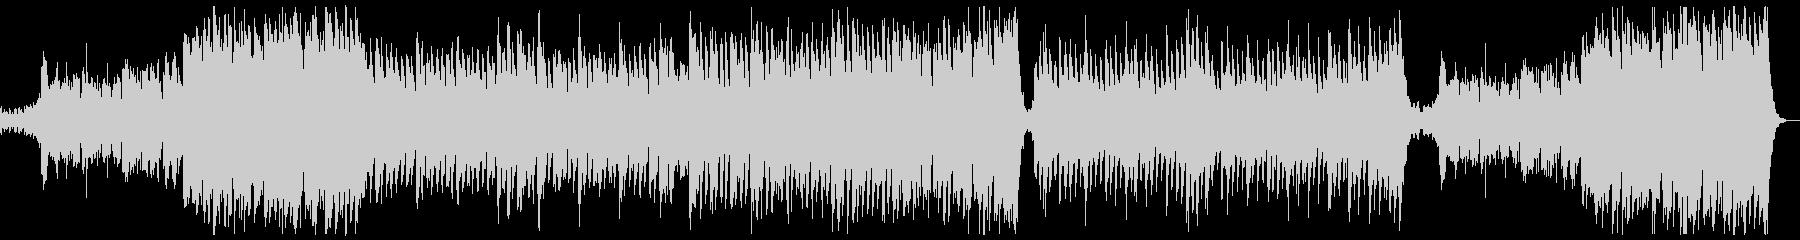 明るく華やかポップオーケストラx1の未再生の波形